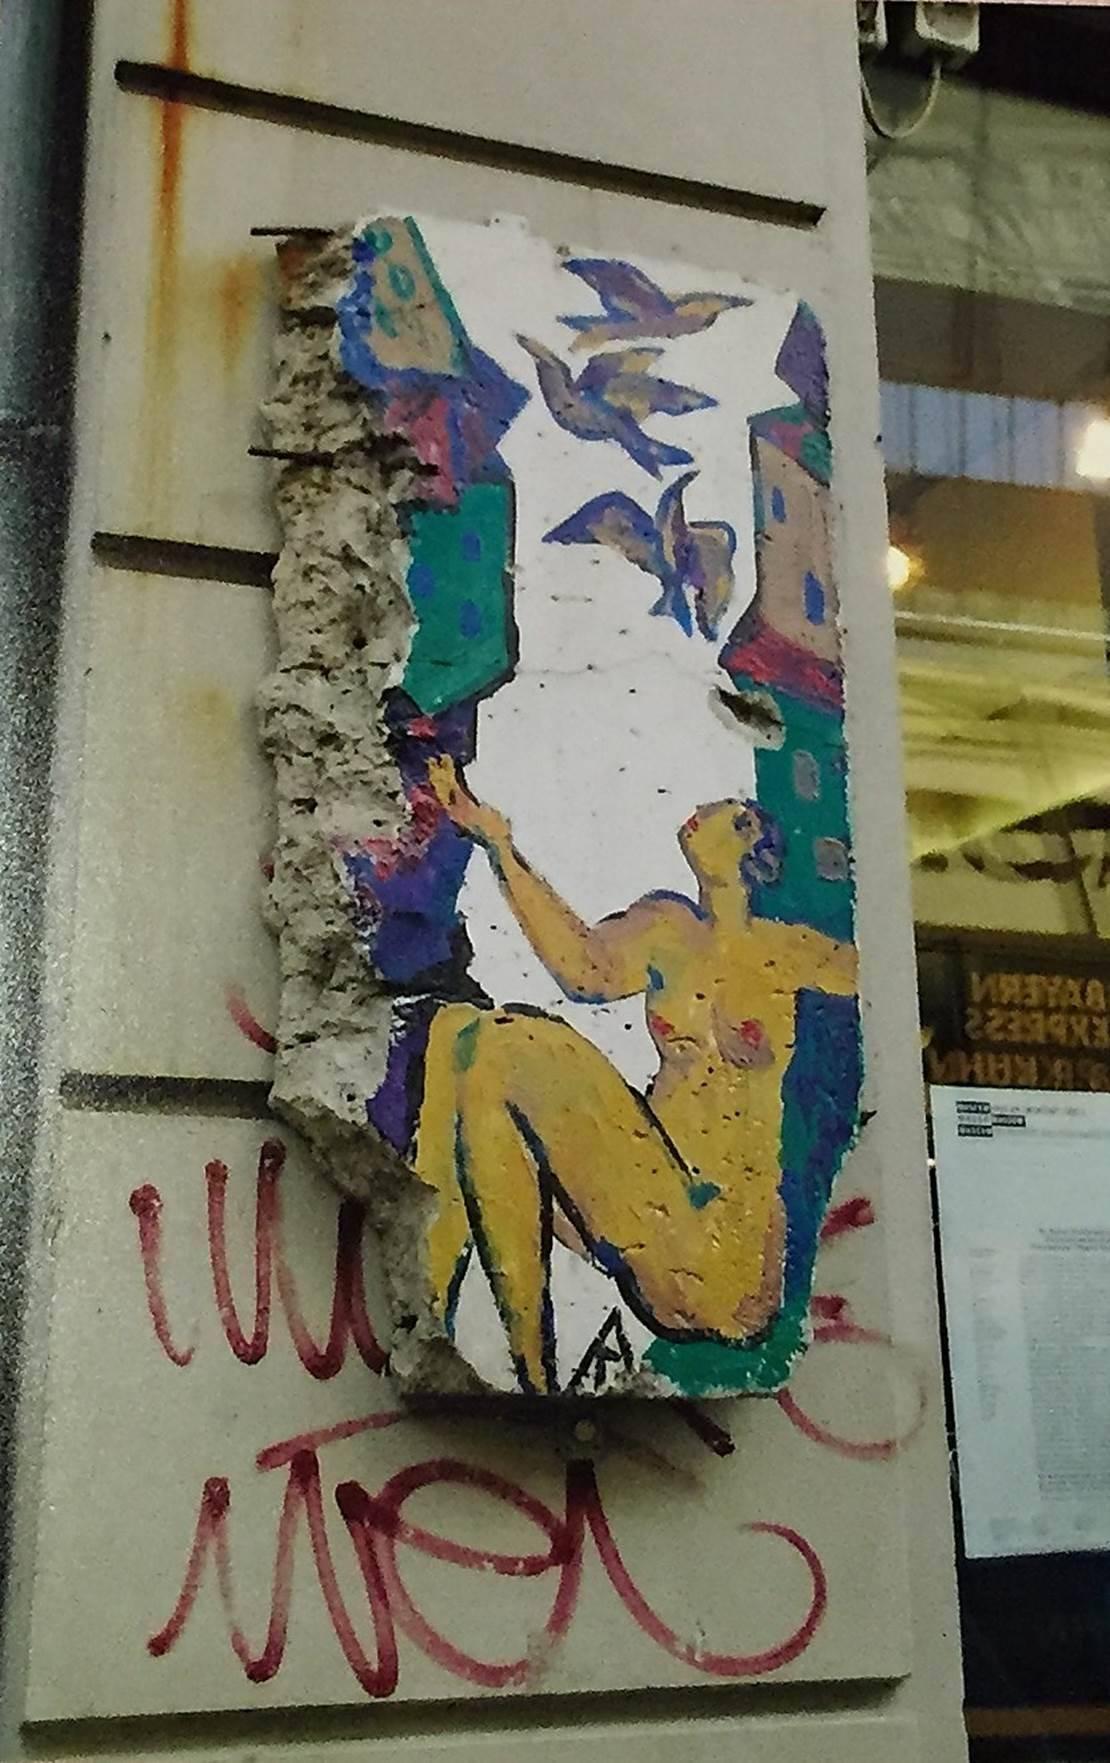 Almanya'yı Doğu ve Batı olarak ikiye bölen Berlin Duvarı'nın her iki yanı protest kişilerce boyanarak, yazı ve sloganlarla bezenmişti. 1989'da Berlin Duvarı yıkıldıktan sonra Duvar'ın bazı parçaları şehrin çeşitli yerlerinde sergileniyordu.